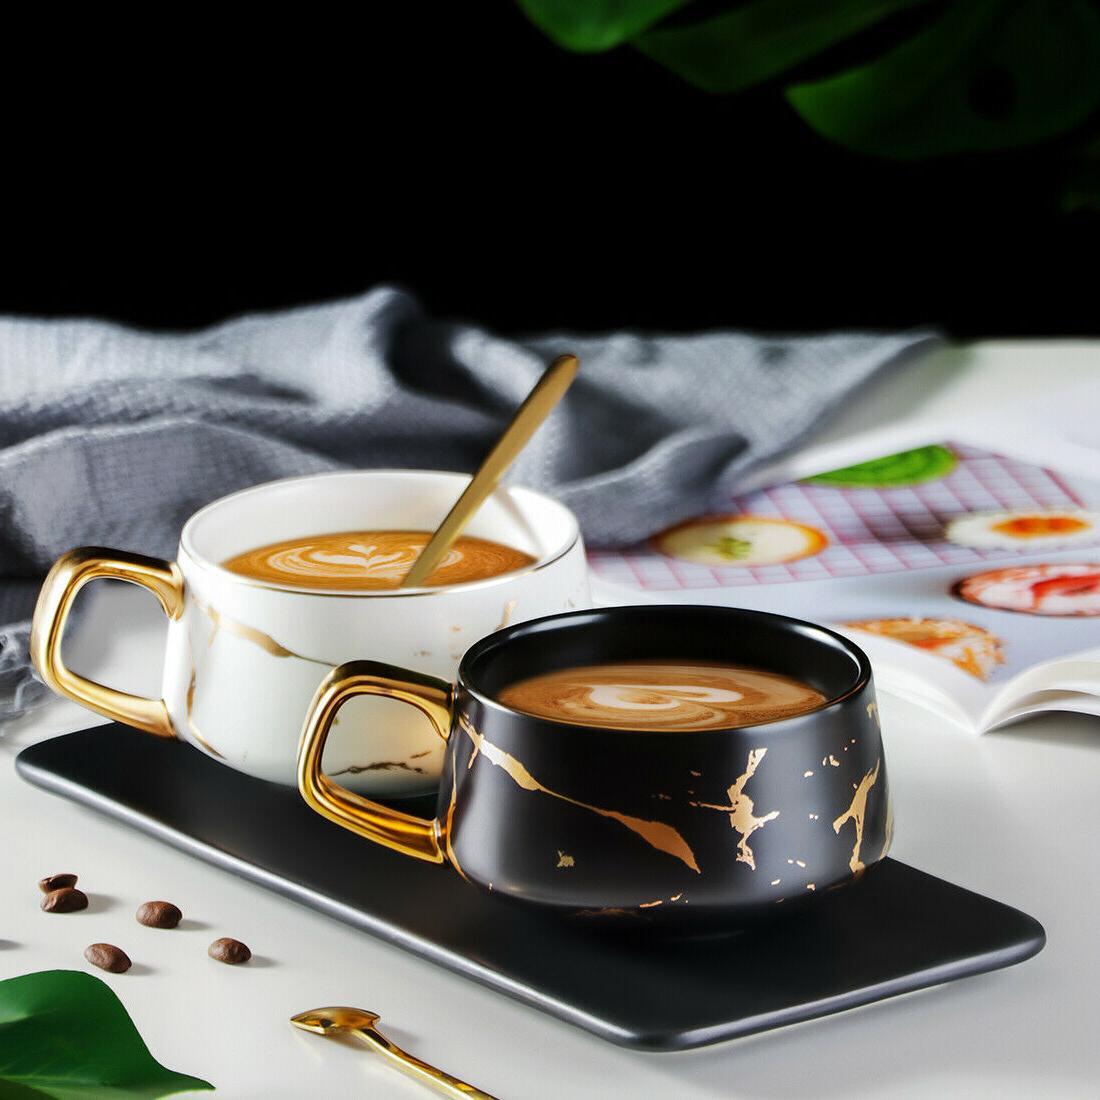 Tilany Tea Cup Wooden Set - - oz